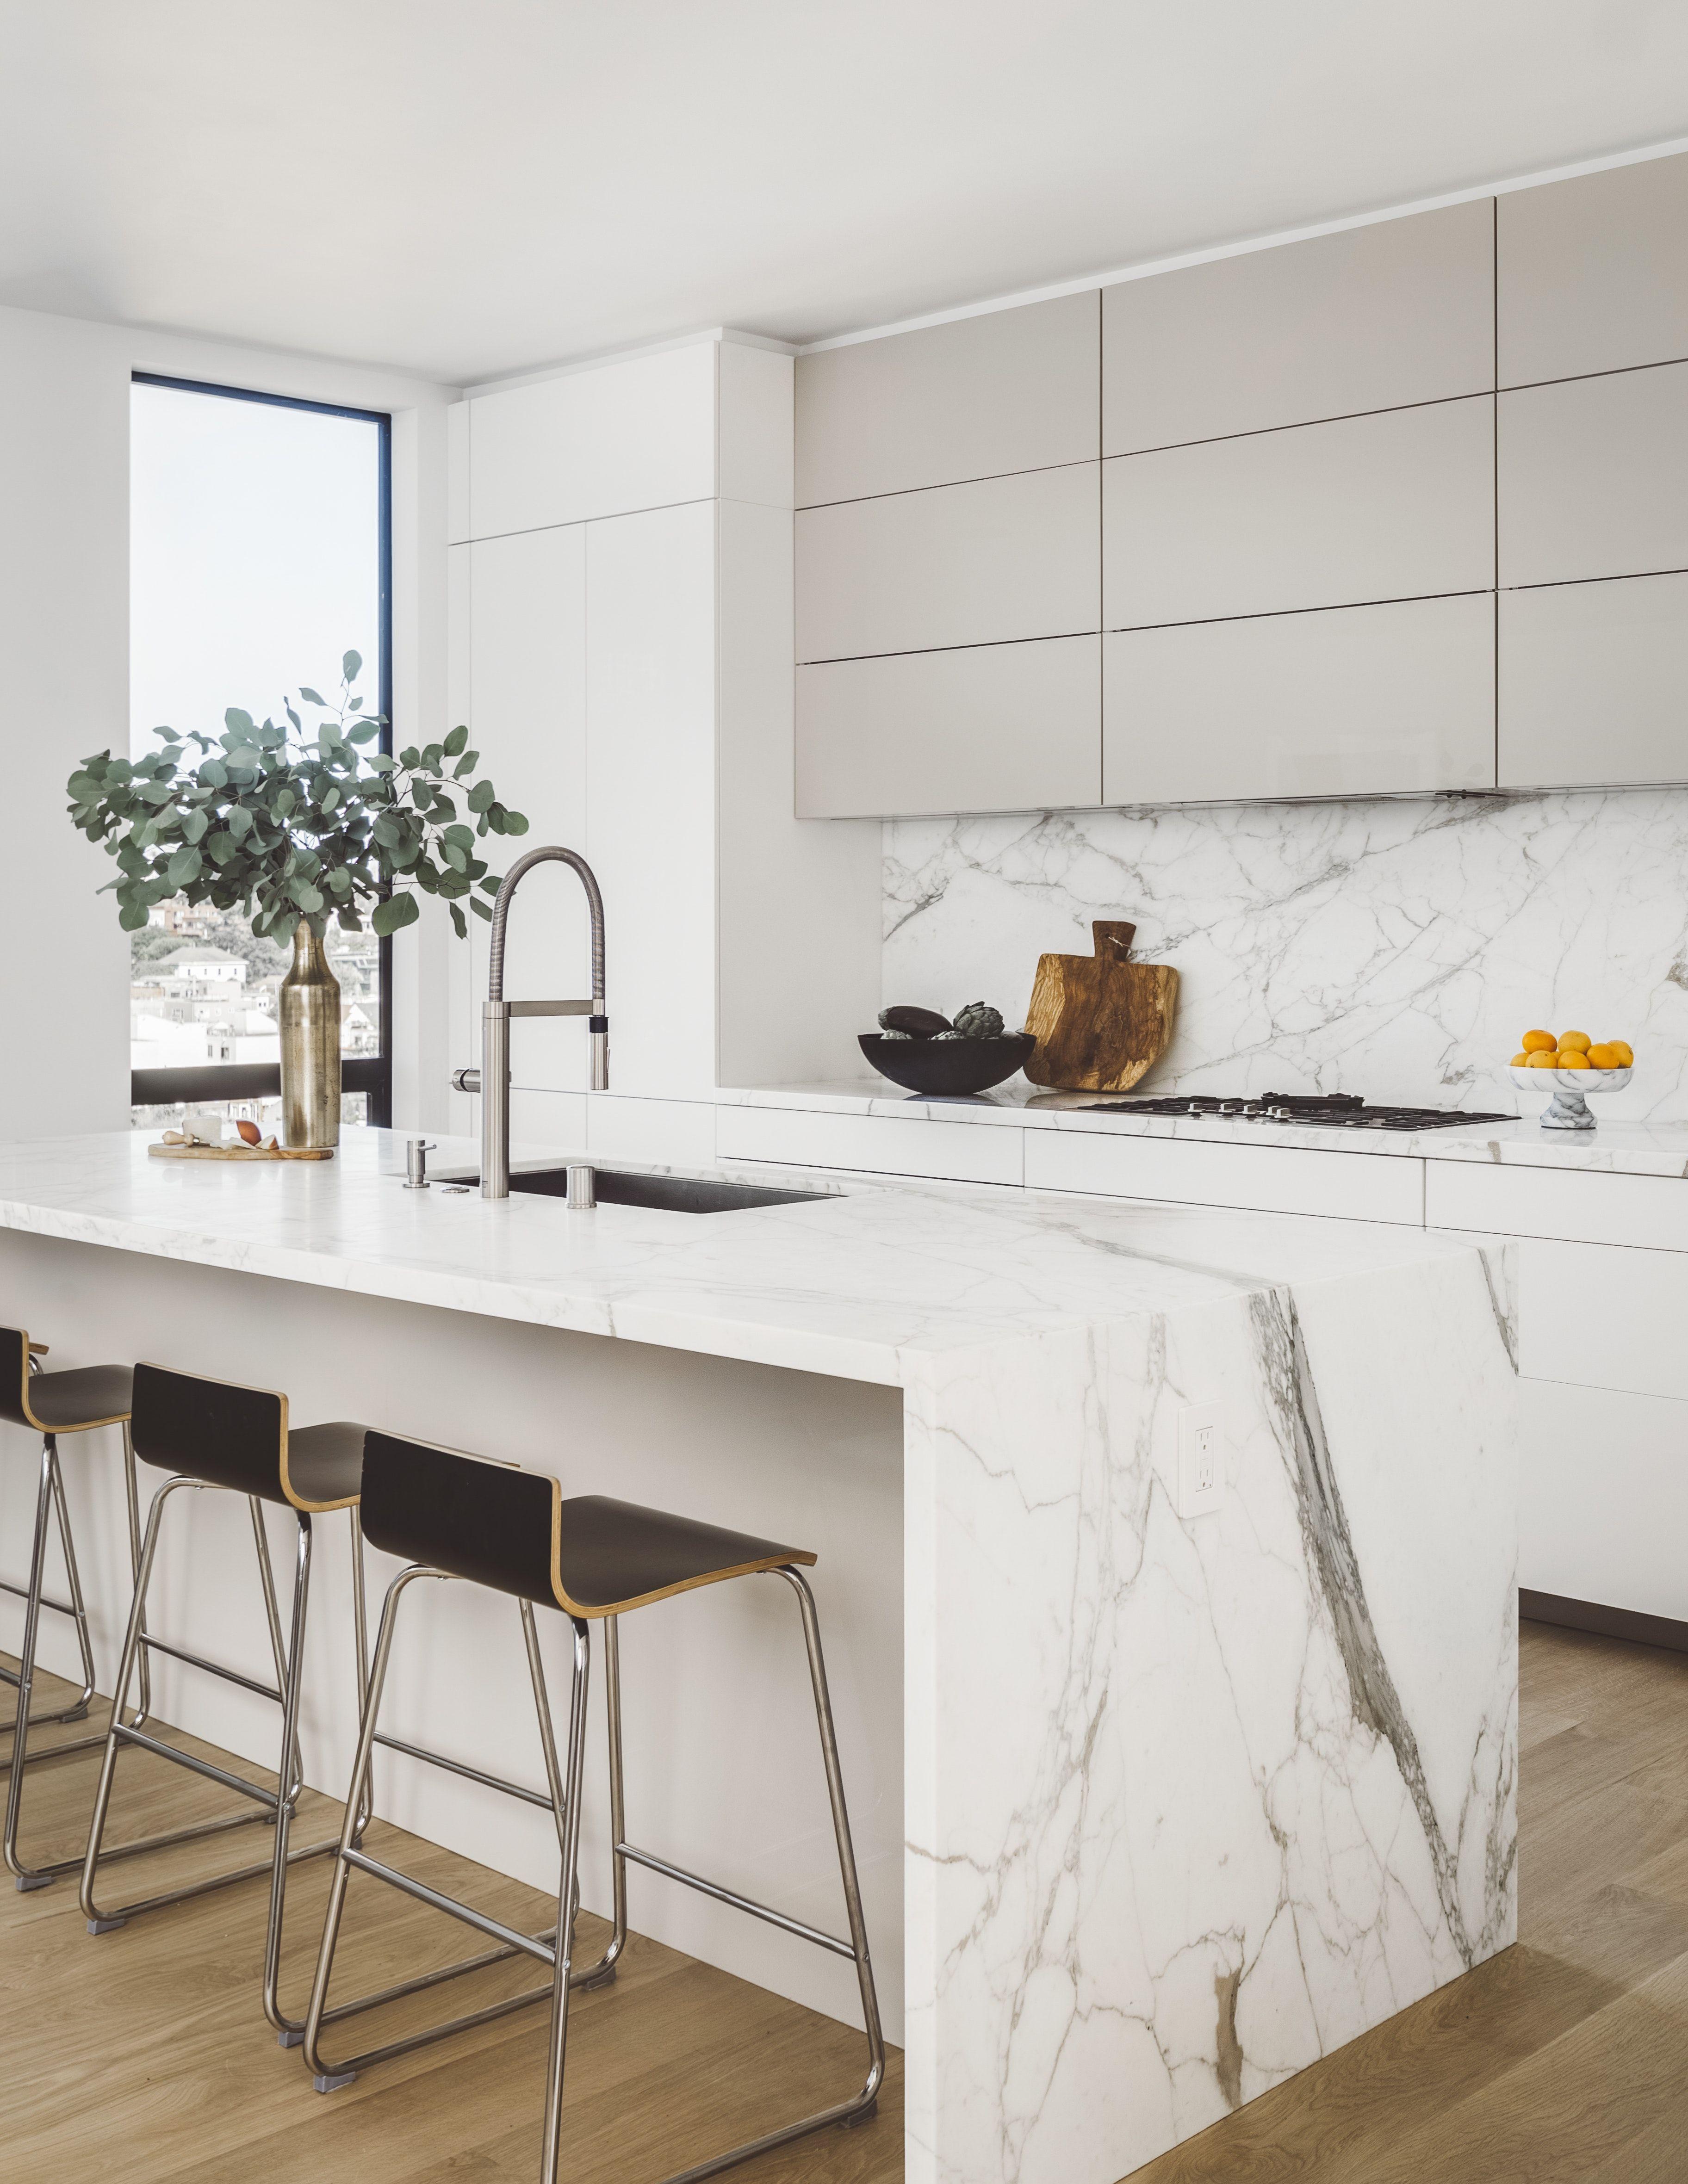 noe valley modern, kitchen, san francisco, ca | küche | pinterest